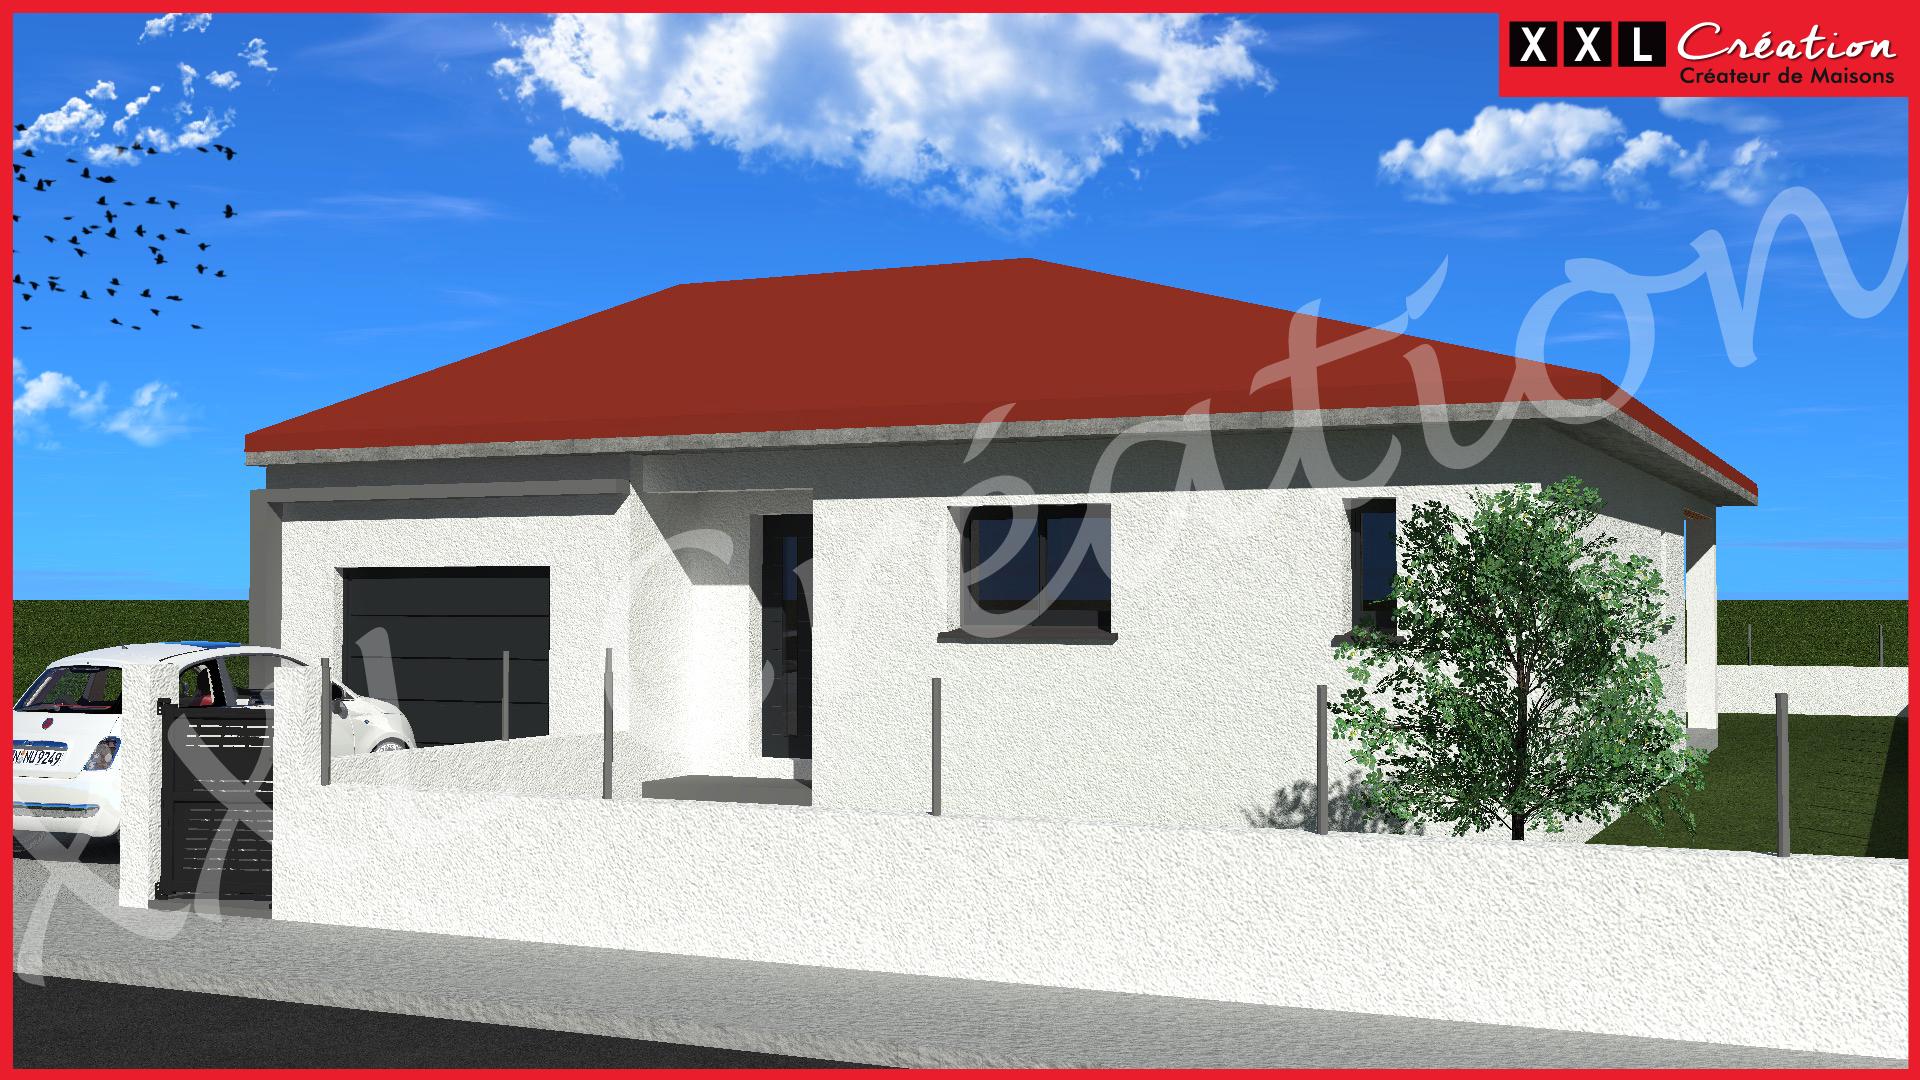 Maisons + Terrains du constructeur XXL CREATION • 70 m² • CORBERE LES CABANES